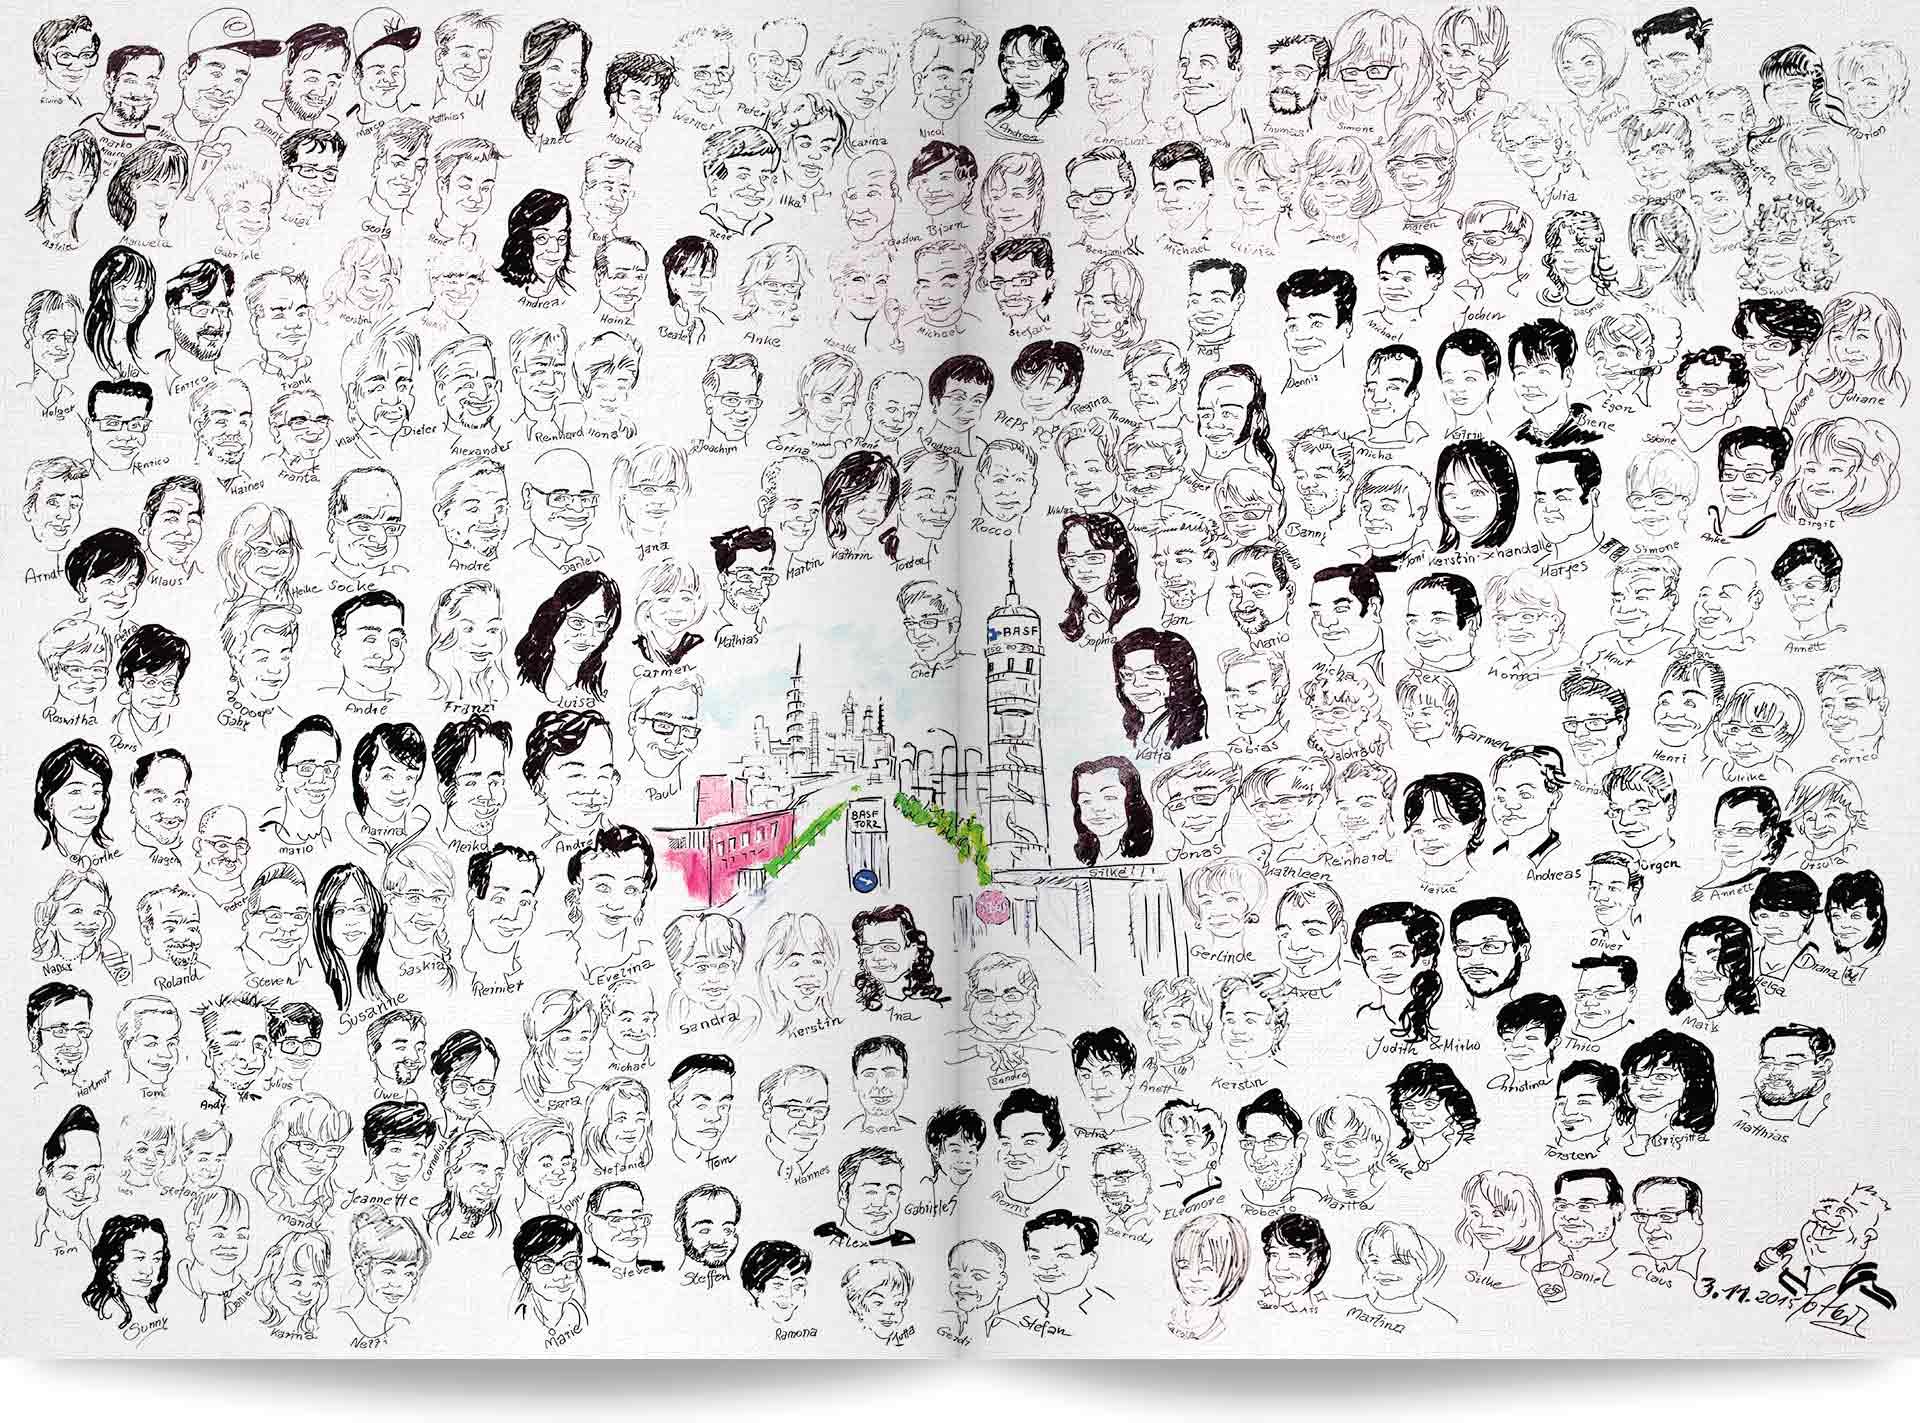 Mitarbeiterzeitung Überblicksseite mit Karikaturen der Mitarbeiter